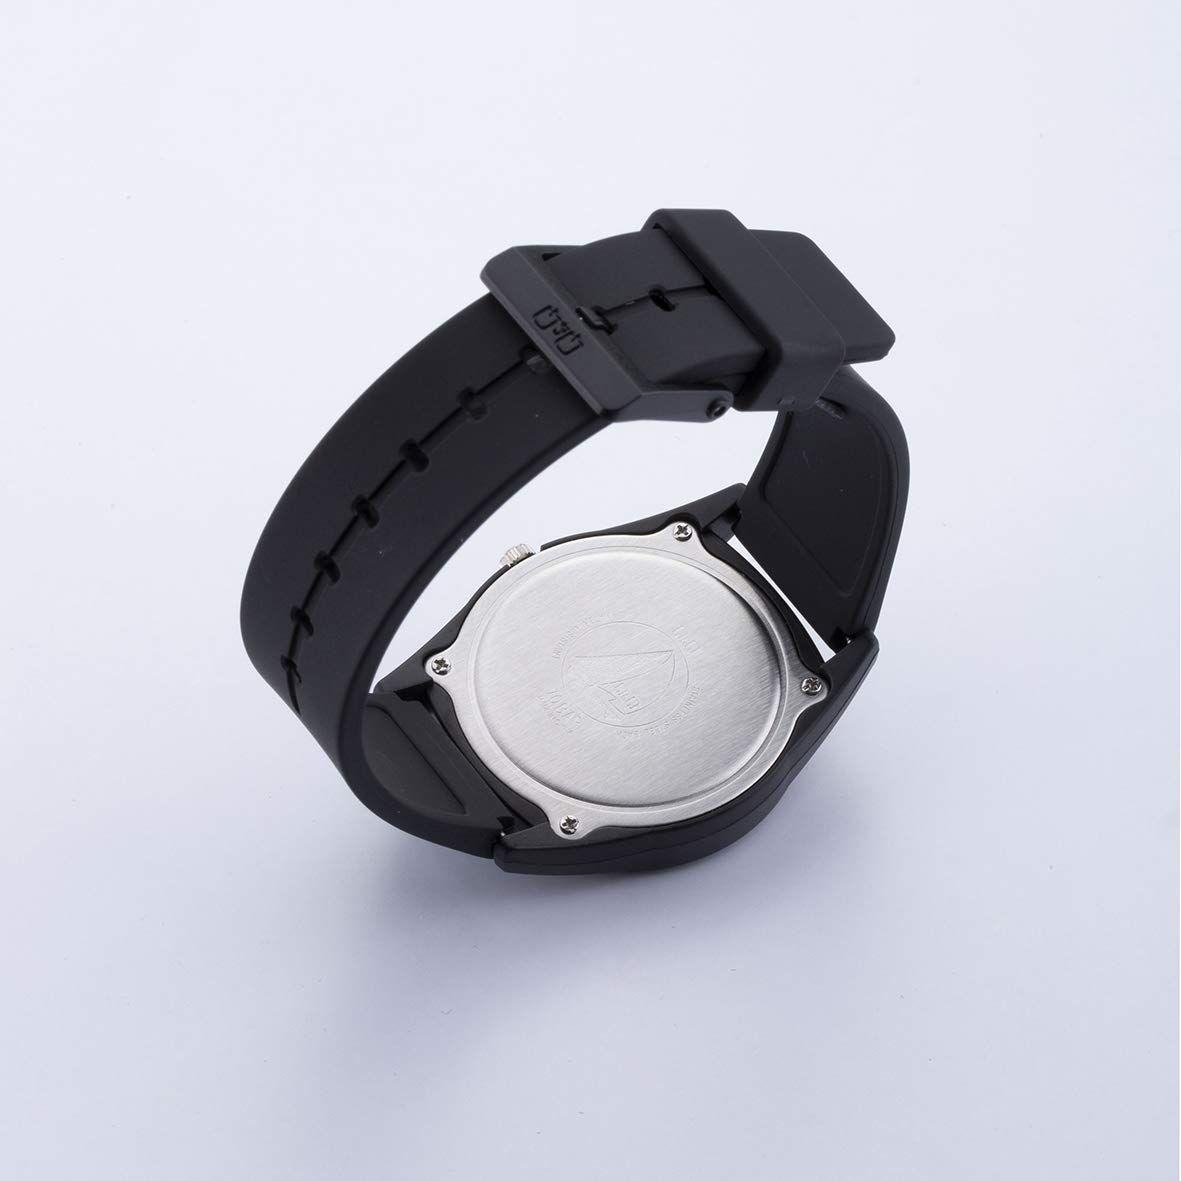 ساعت مچی عقربه ای مردانه کیو اند کیو مدل vs22j015y              خرید (⭐️⭐️⭐️)